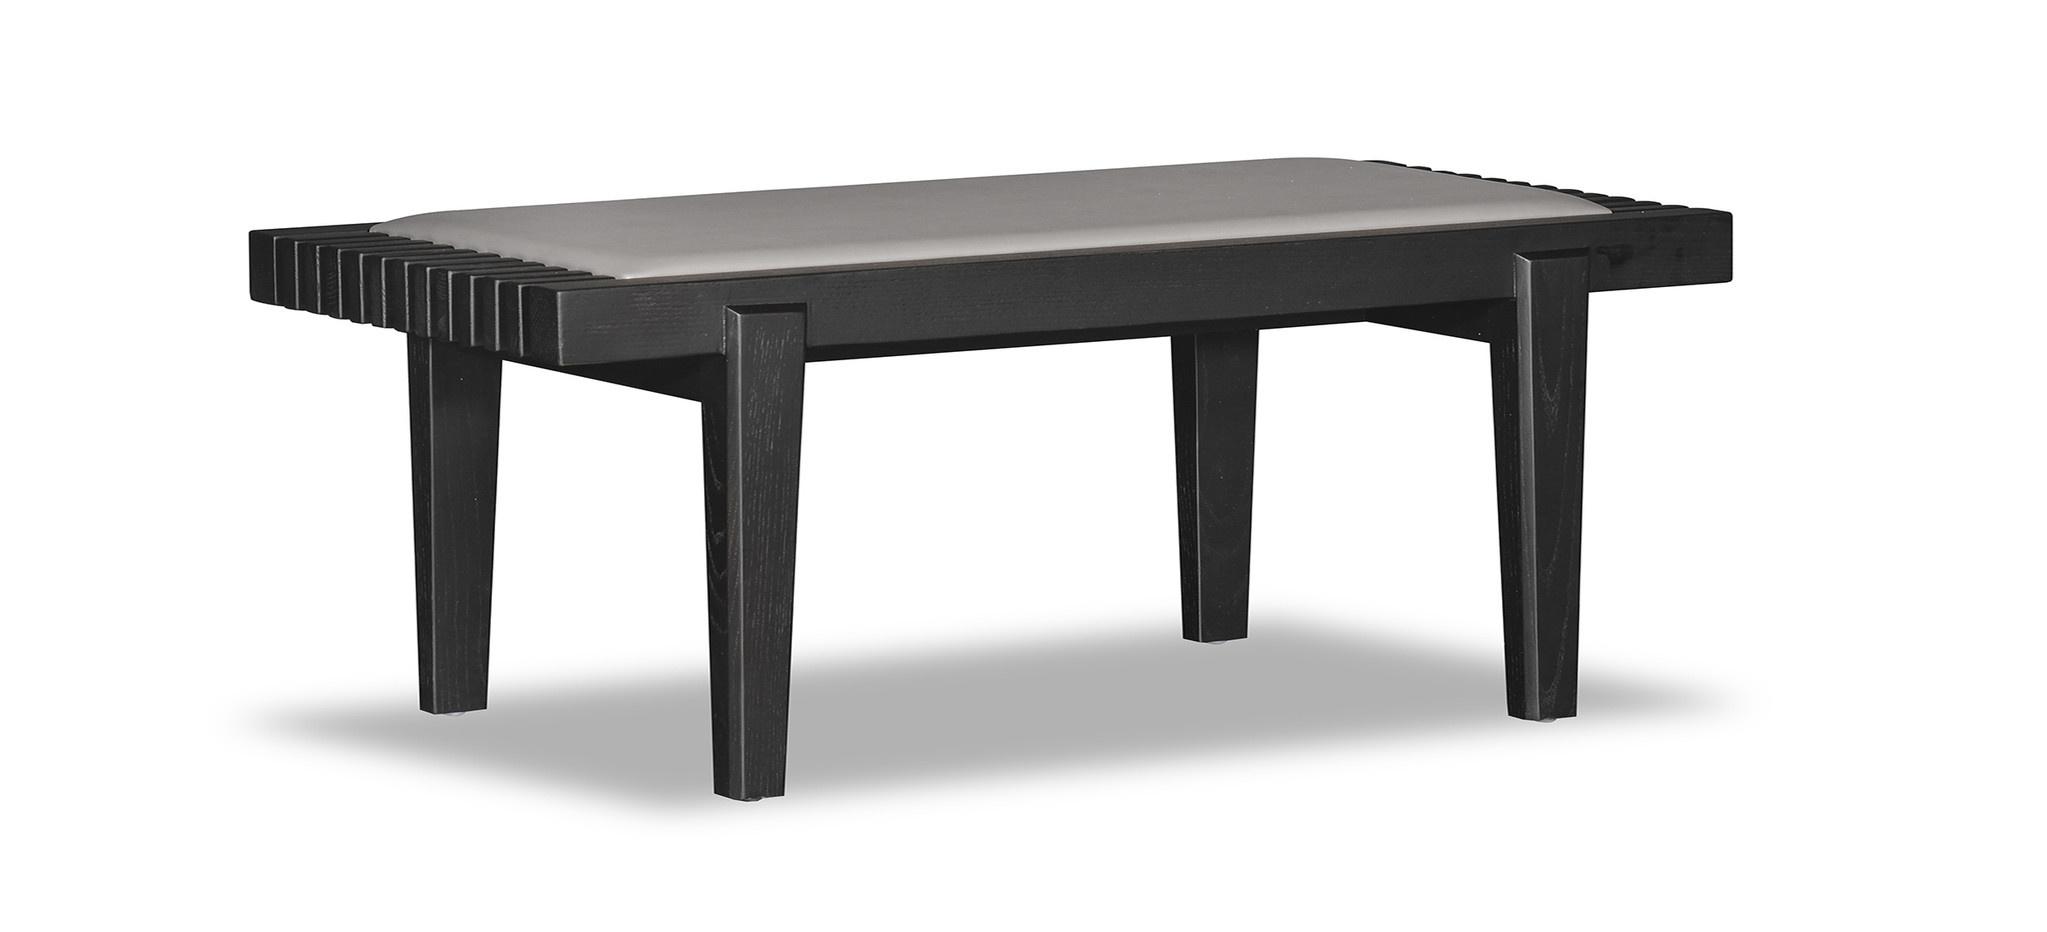 ELIO Bench Beige Leather-2